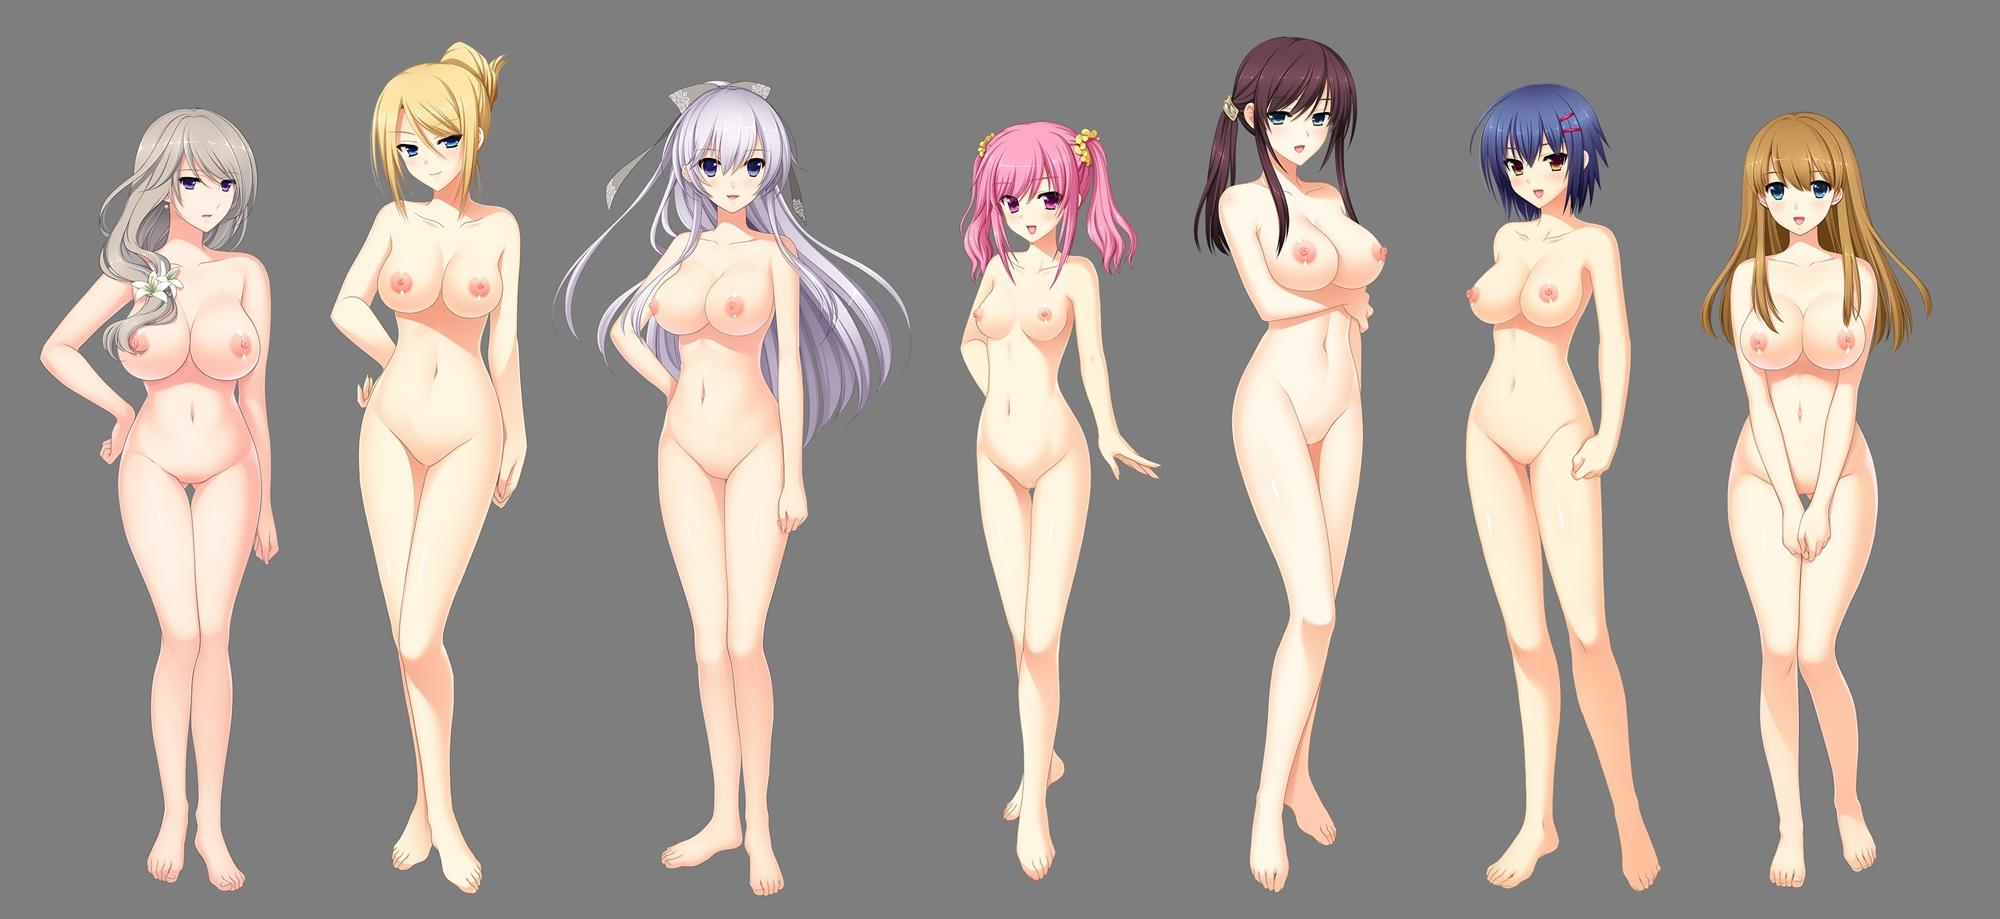 聖娼女 性奴育成学園・全裸立ち絵